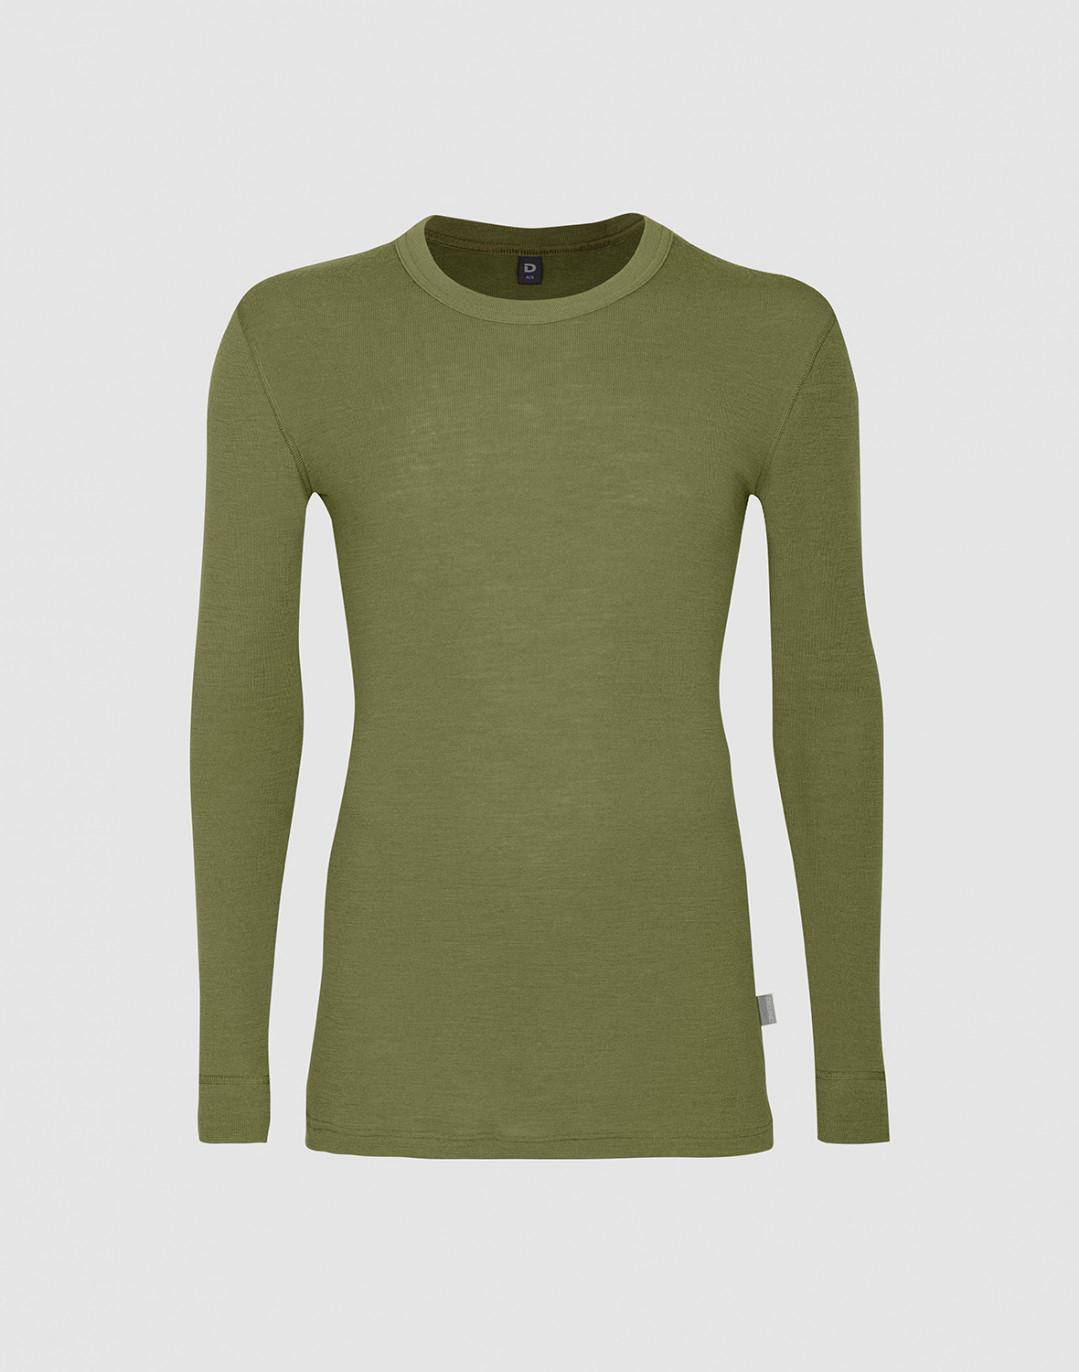 Herren Merino Longsleeve Shirt - Avocado Grün